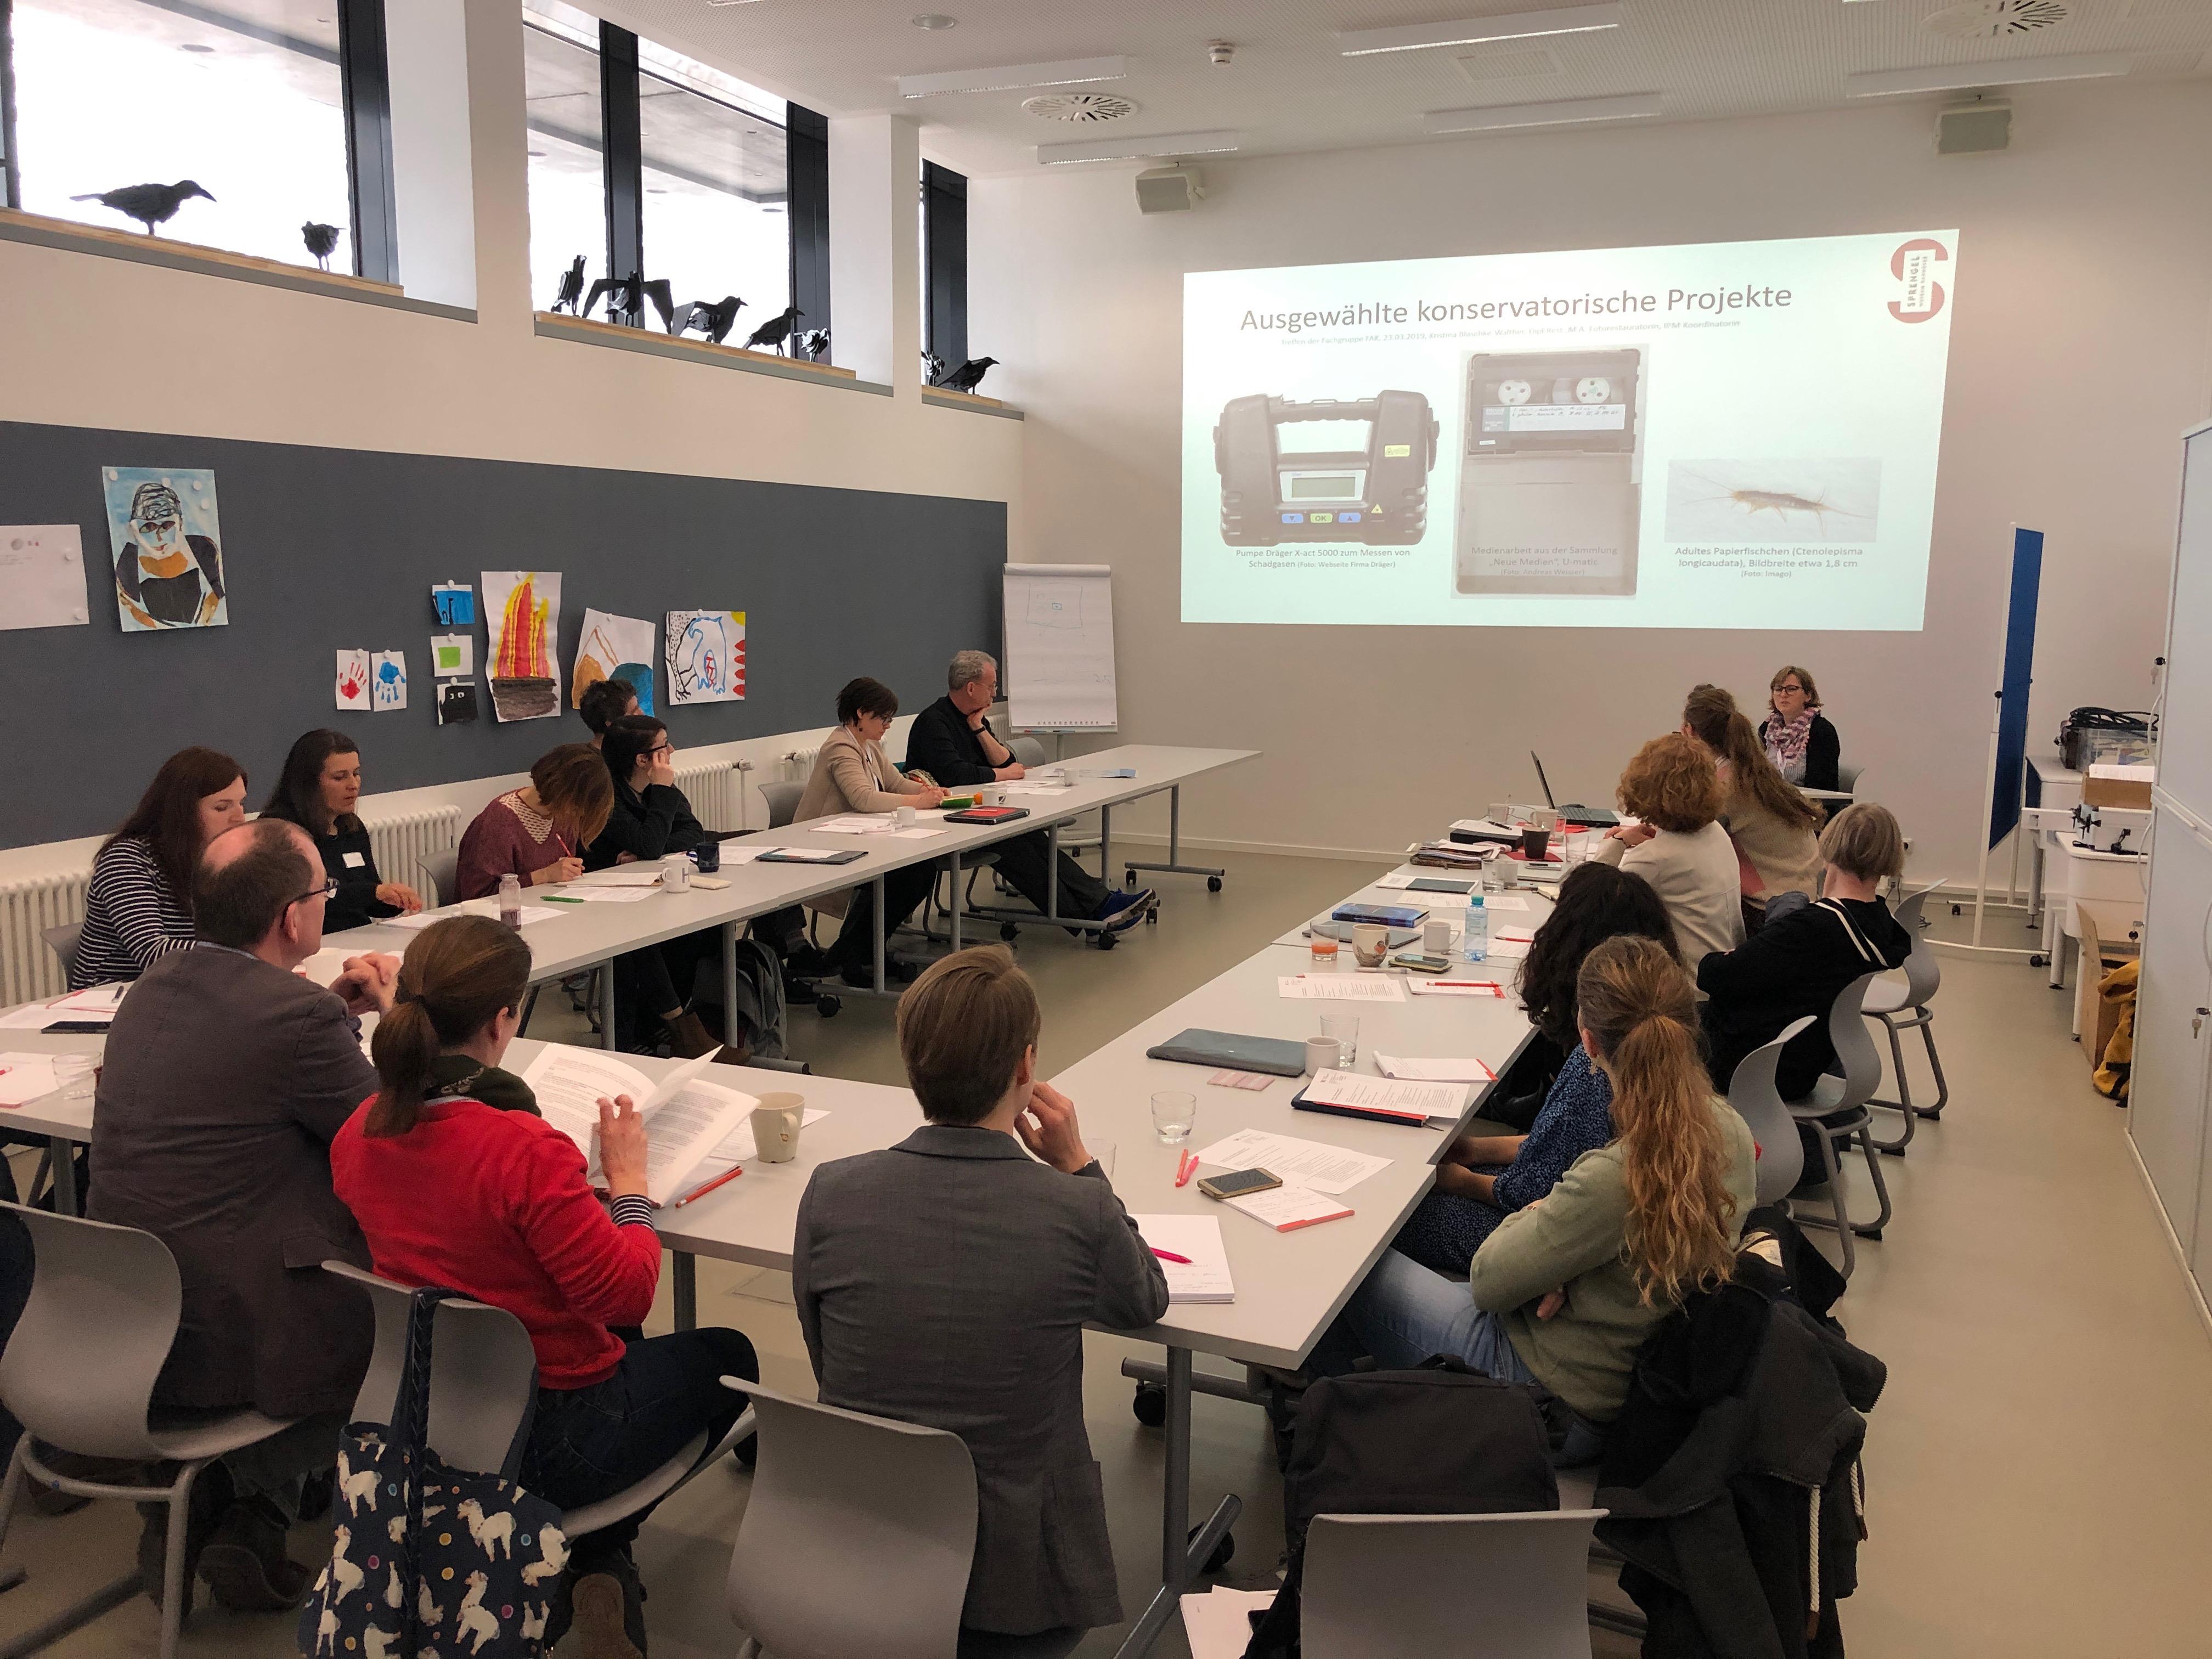 Beim 2. Arbeitstreffen der jungen Fachgruppe gab es einen intensiven Austausch über aktuelle Projekte. (Foto: Jessica Morhard)